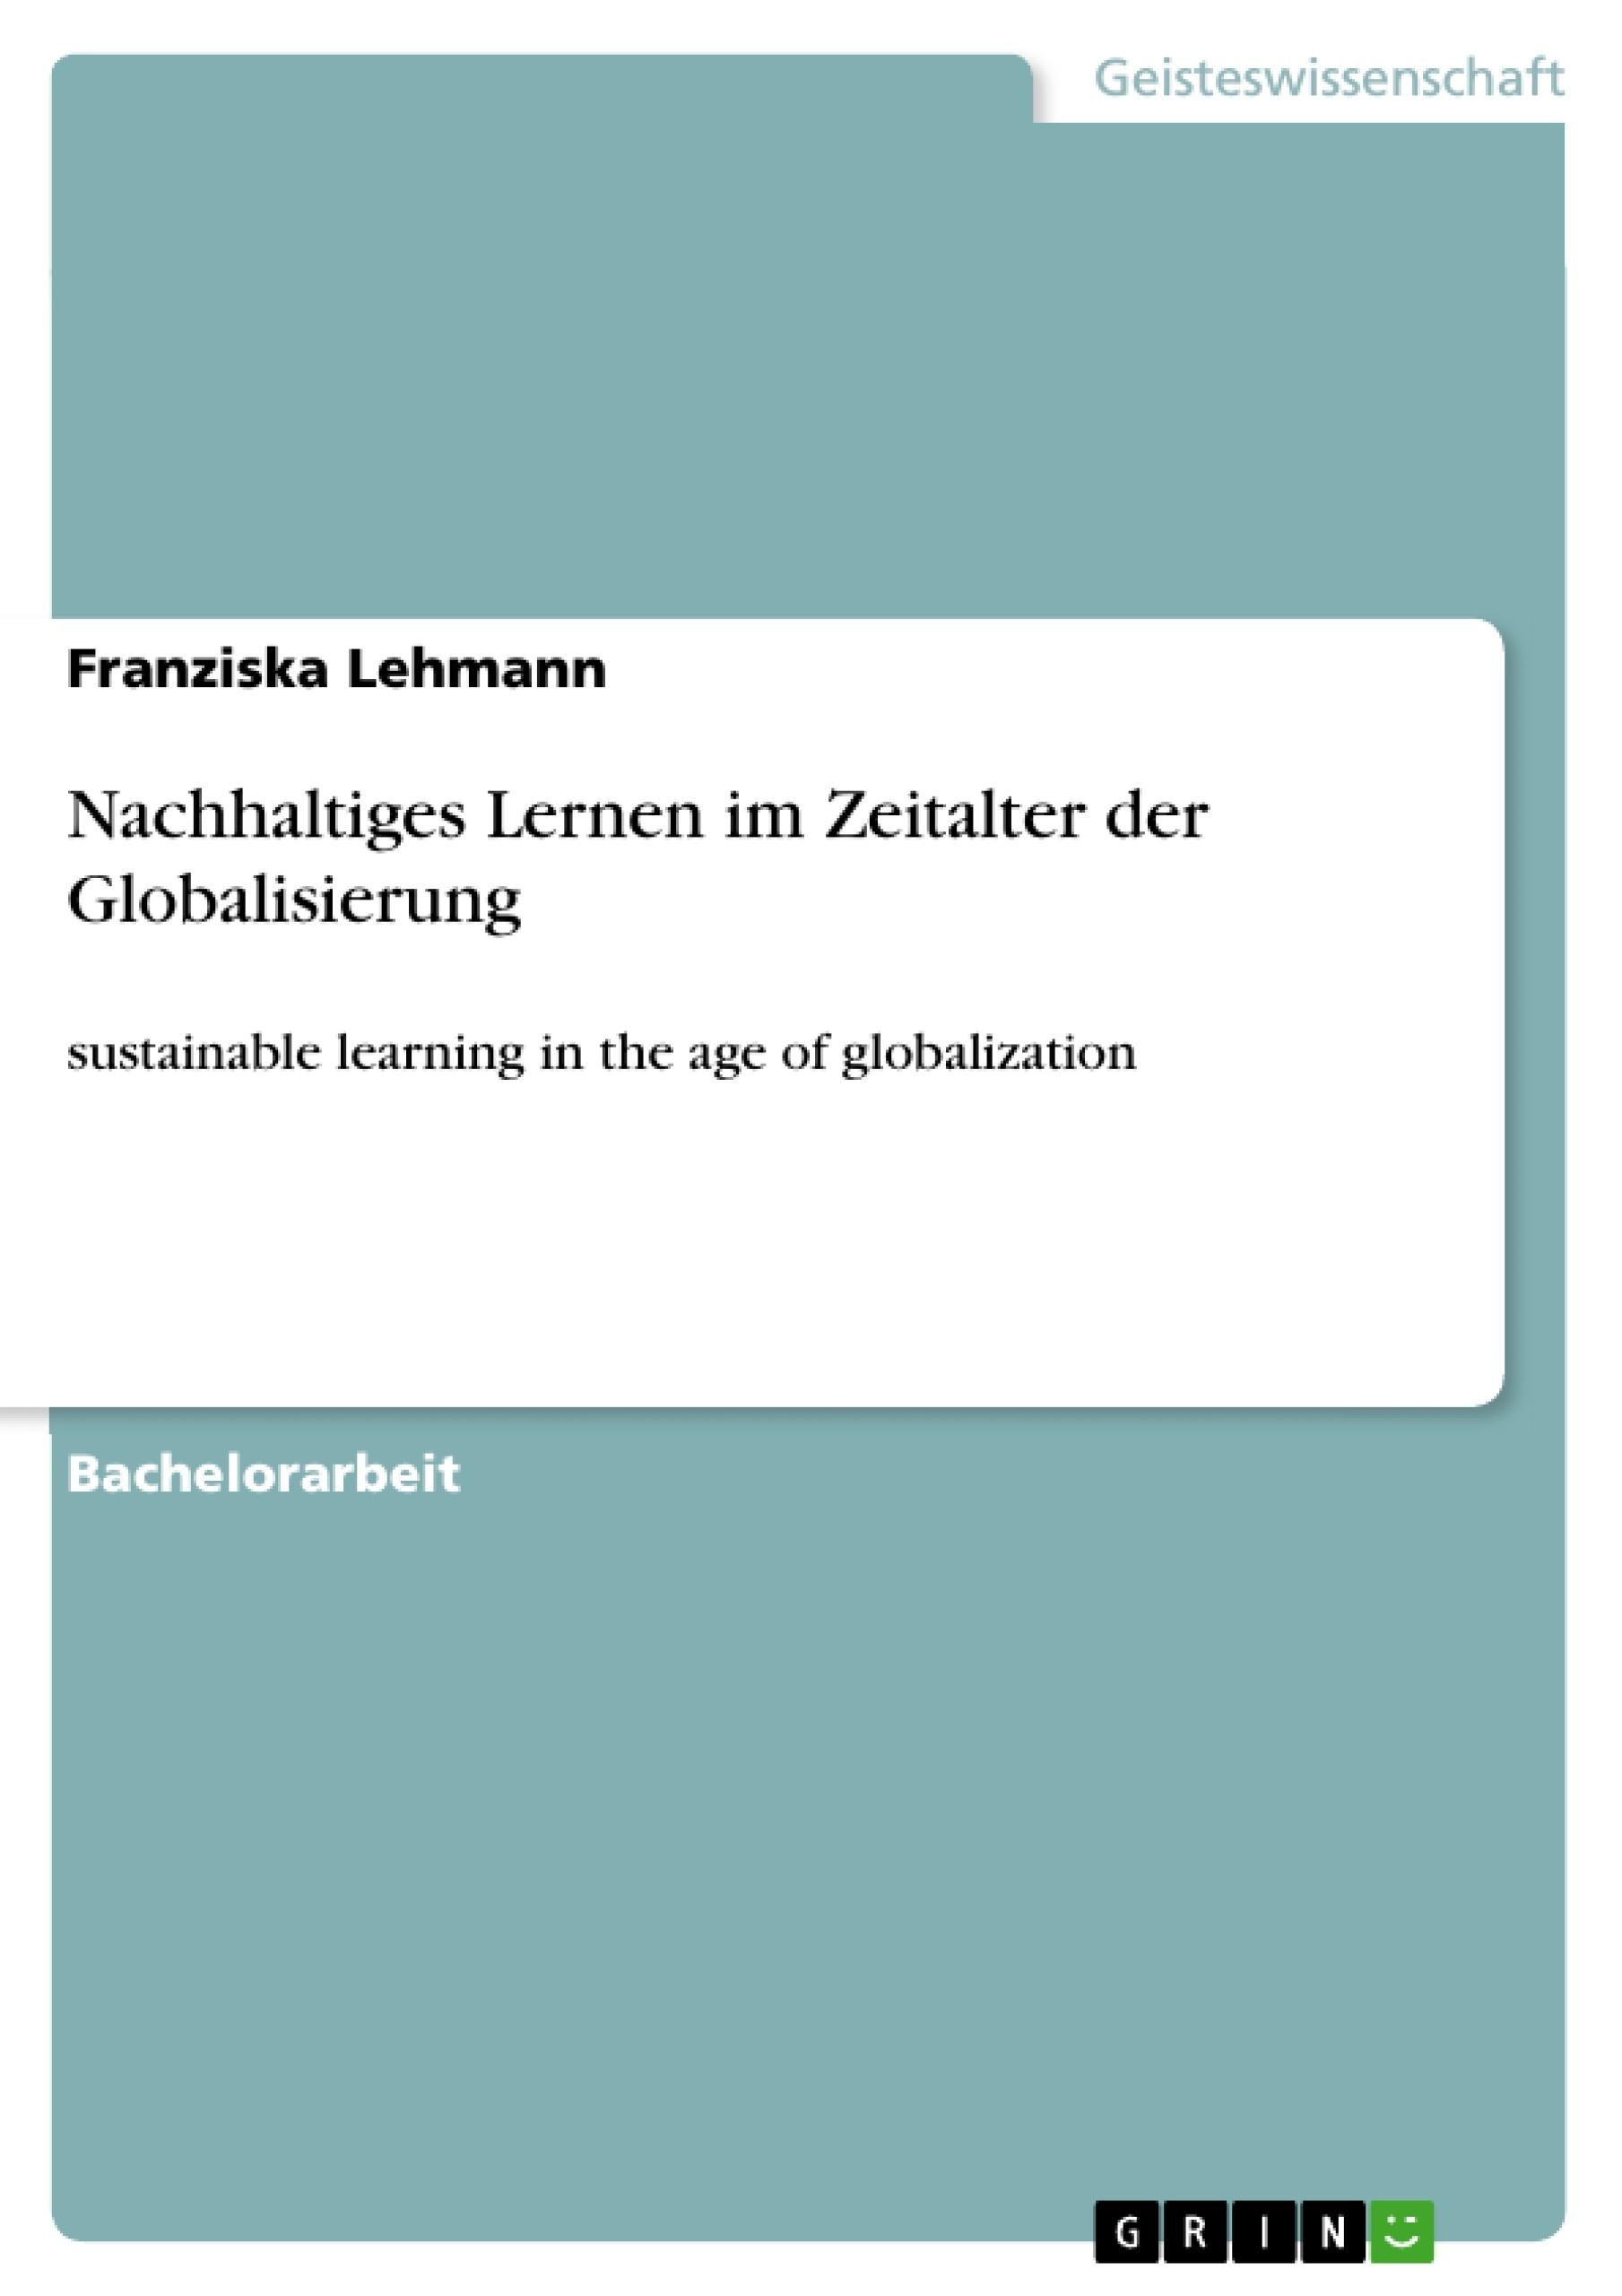 Titel: Nachhaltiges Lernen im Zeitalter der Globalisierung